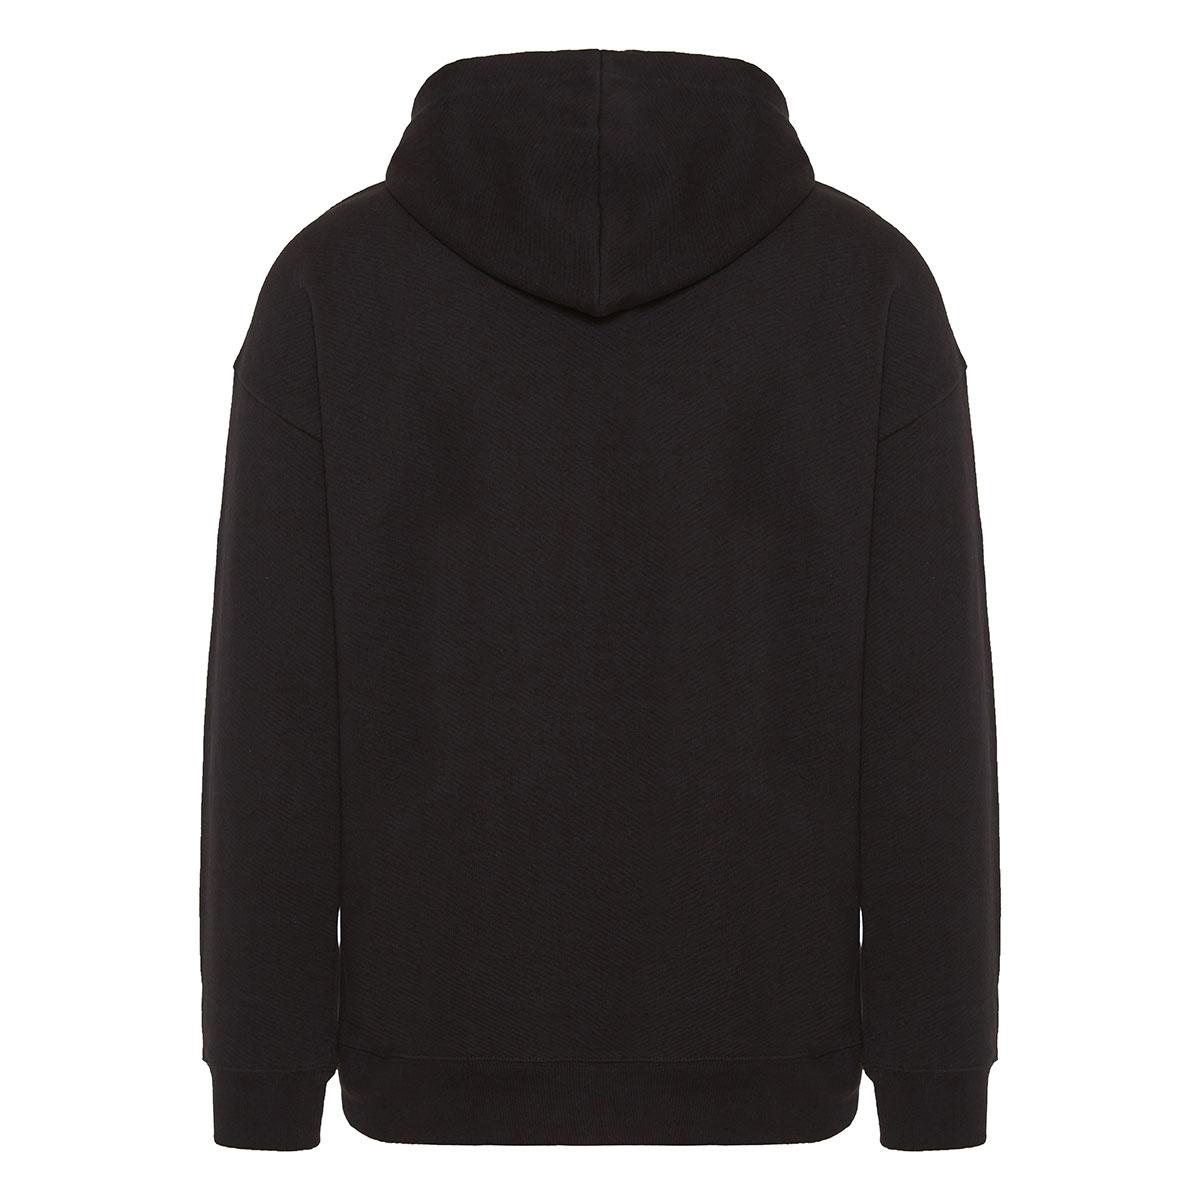 Glow-in-the-dark logo hoodie